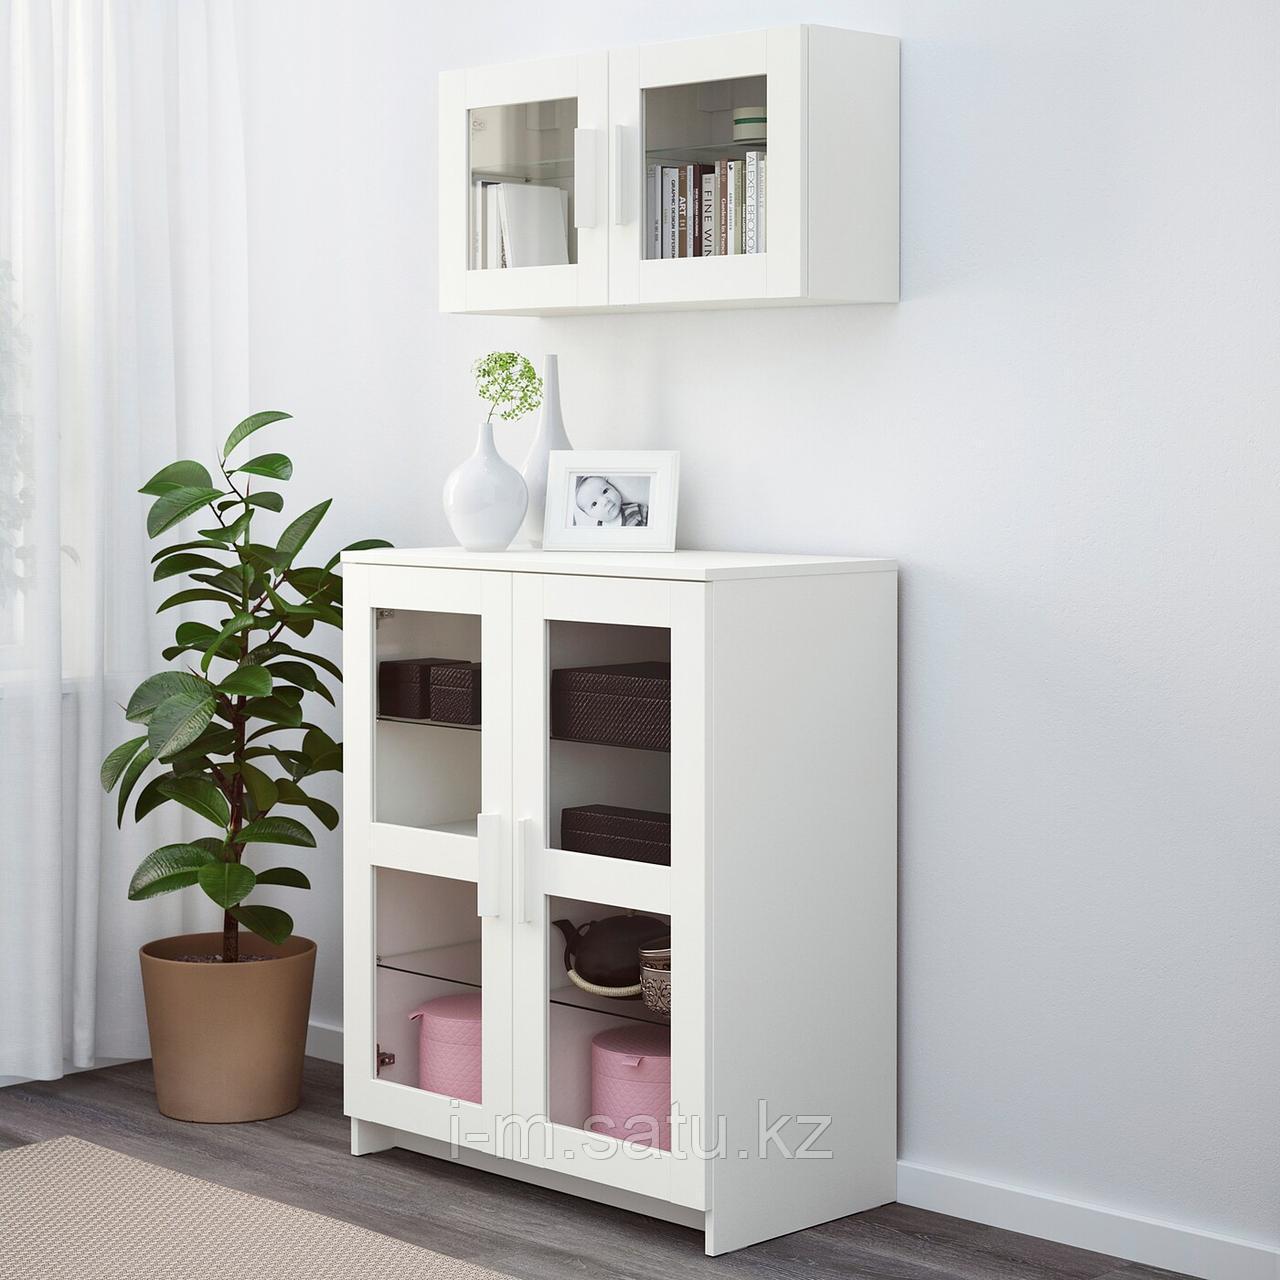 БРИМНЭС Шкаф с дверями, стекло, белый, 78x95 см